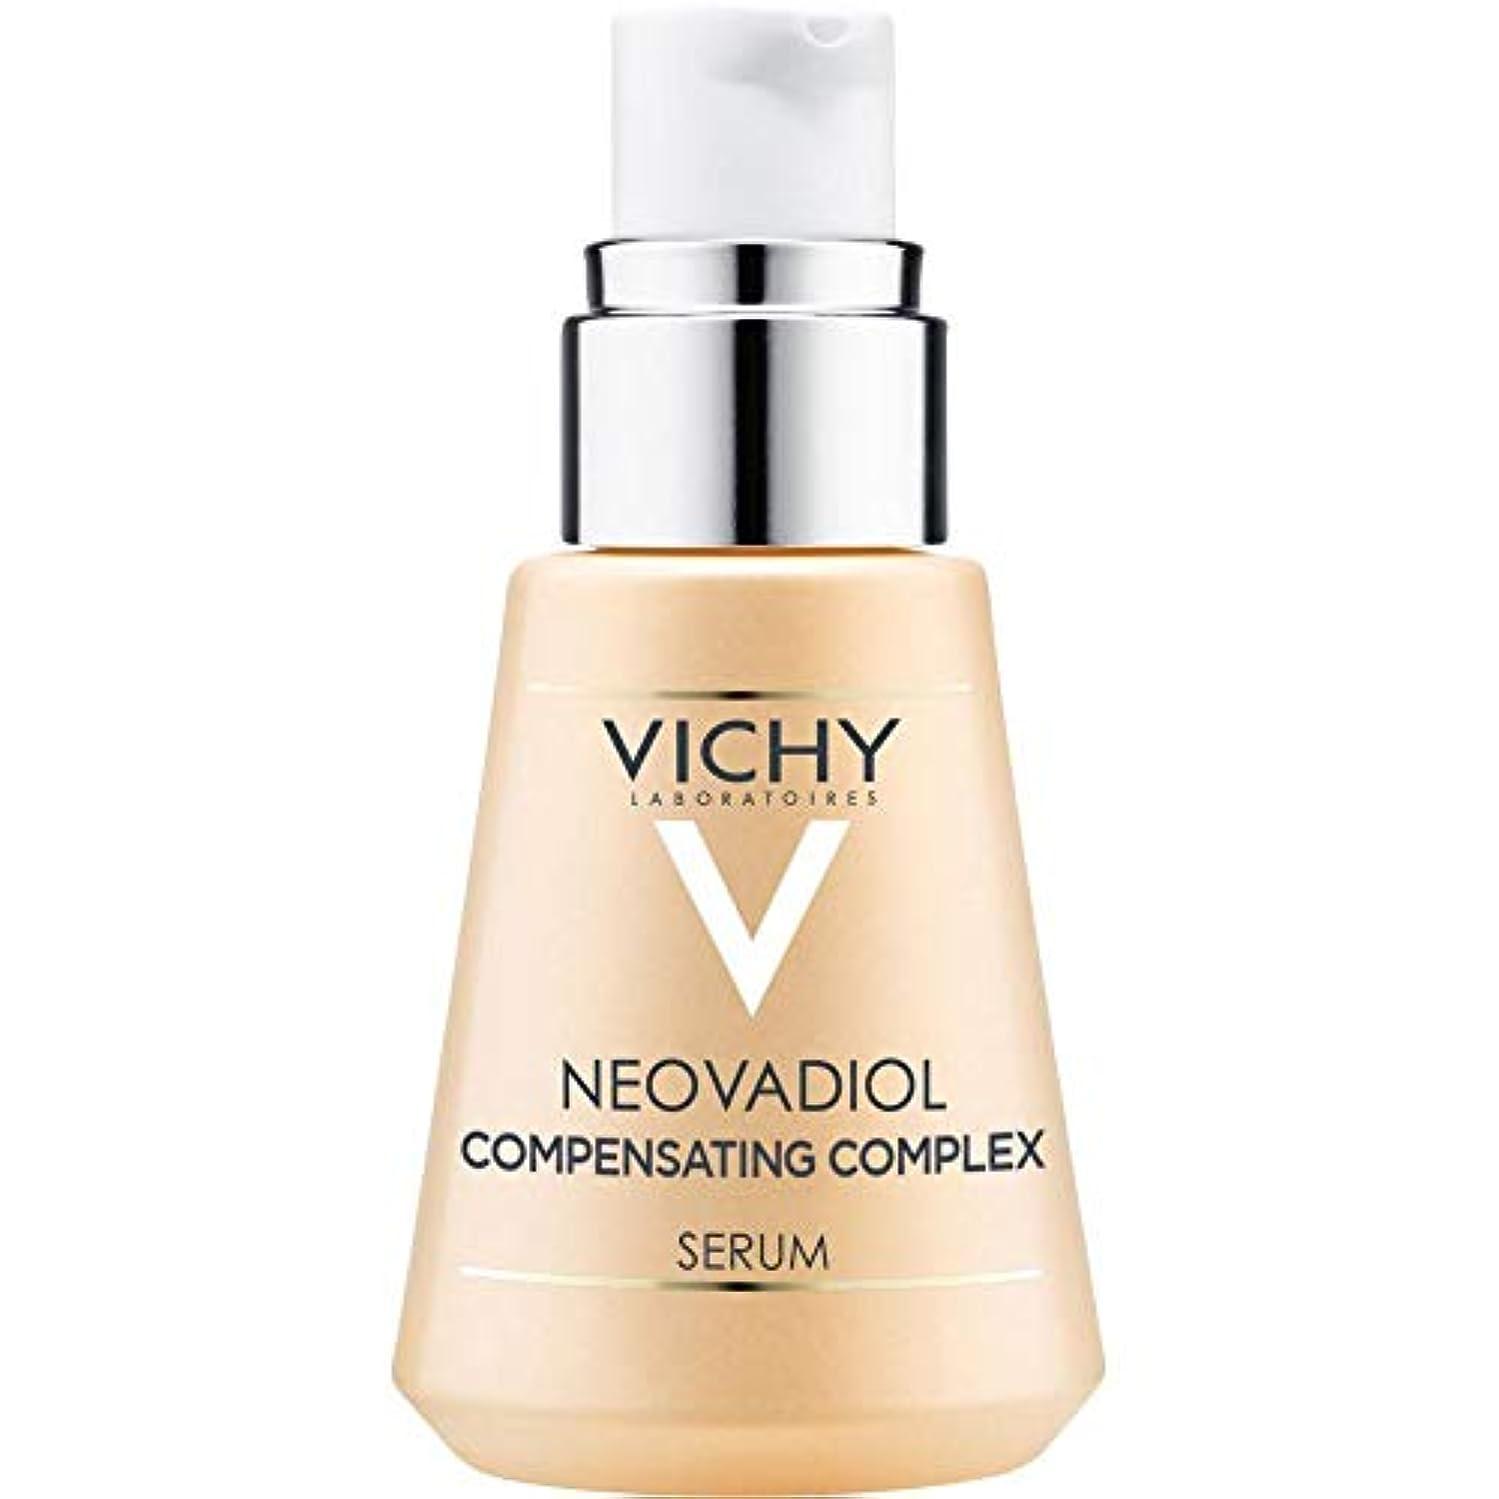 サスペンション謝罪する取る[Vichy] 複雑なセラム30Mlを補償Neovadiolヴィシー - Vichy Neovadiol Compensating Complex Serum 30ml [並行輸入品]